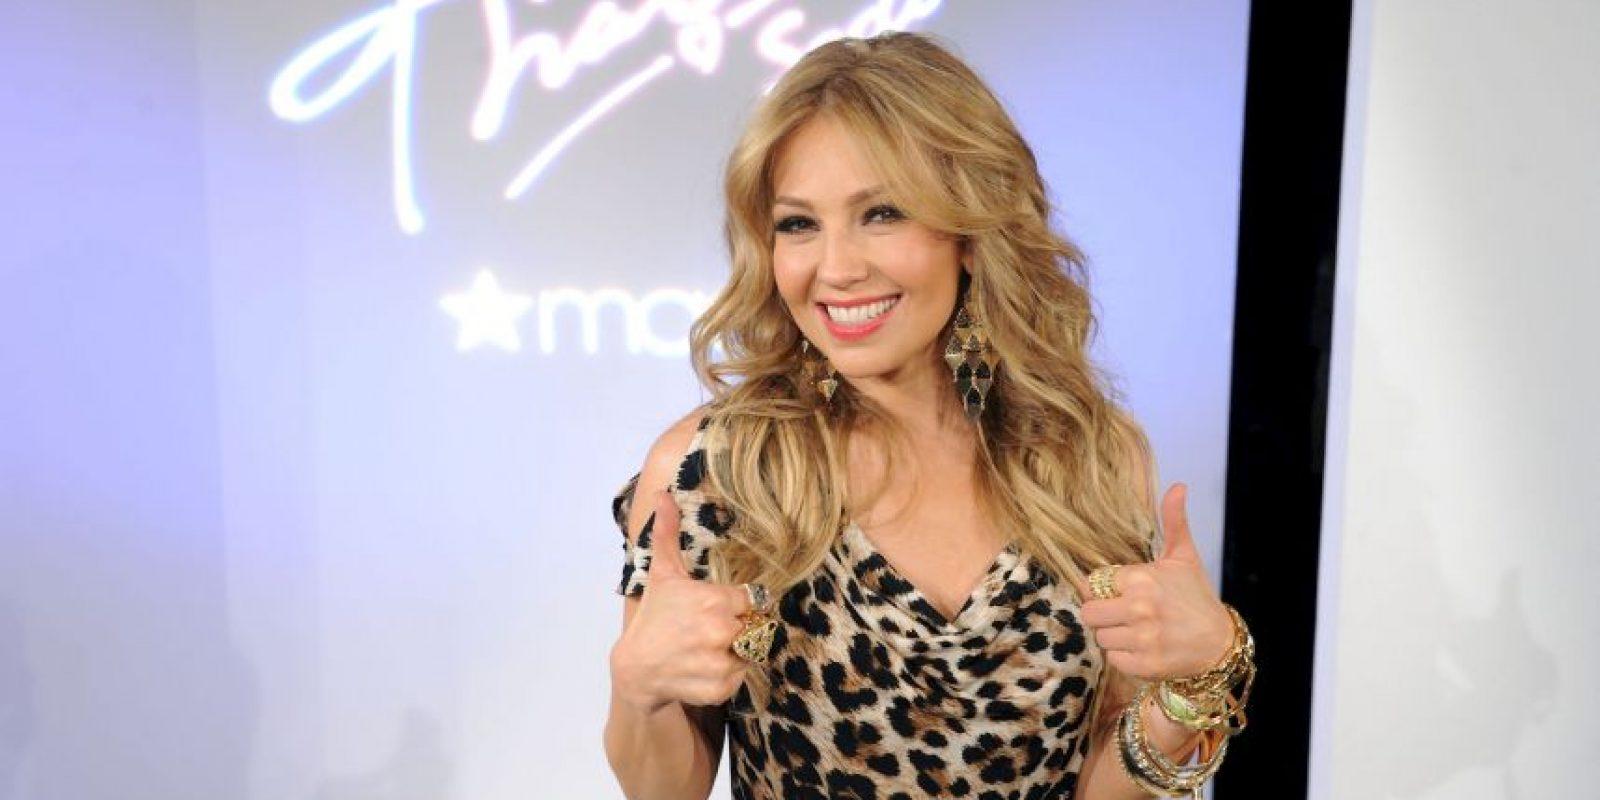 Thalía se casó con un hombre 20 años mayor que ella y además multimillonario Foto:Getty Images